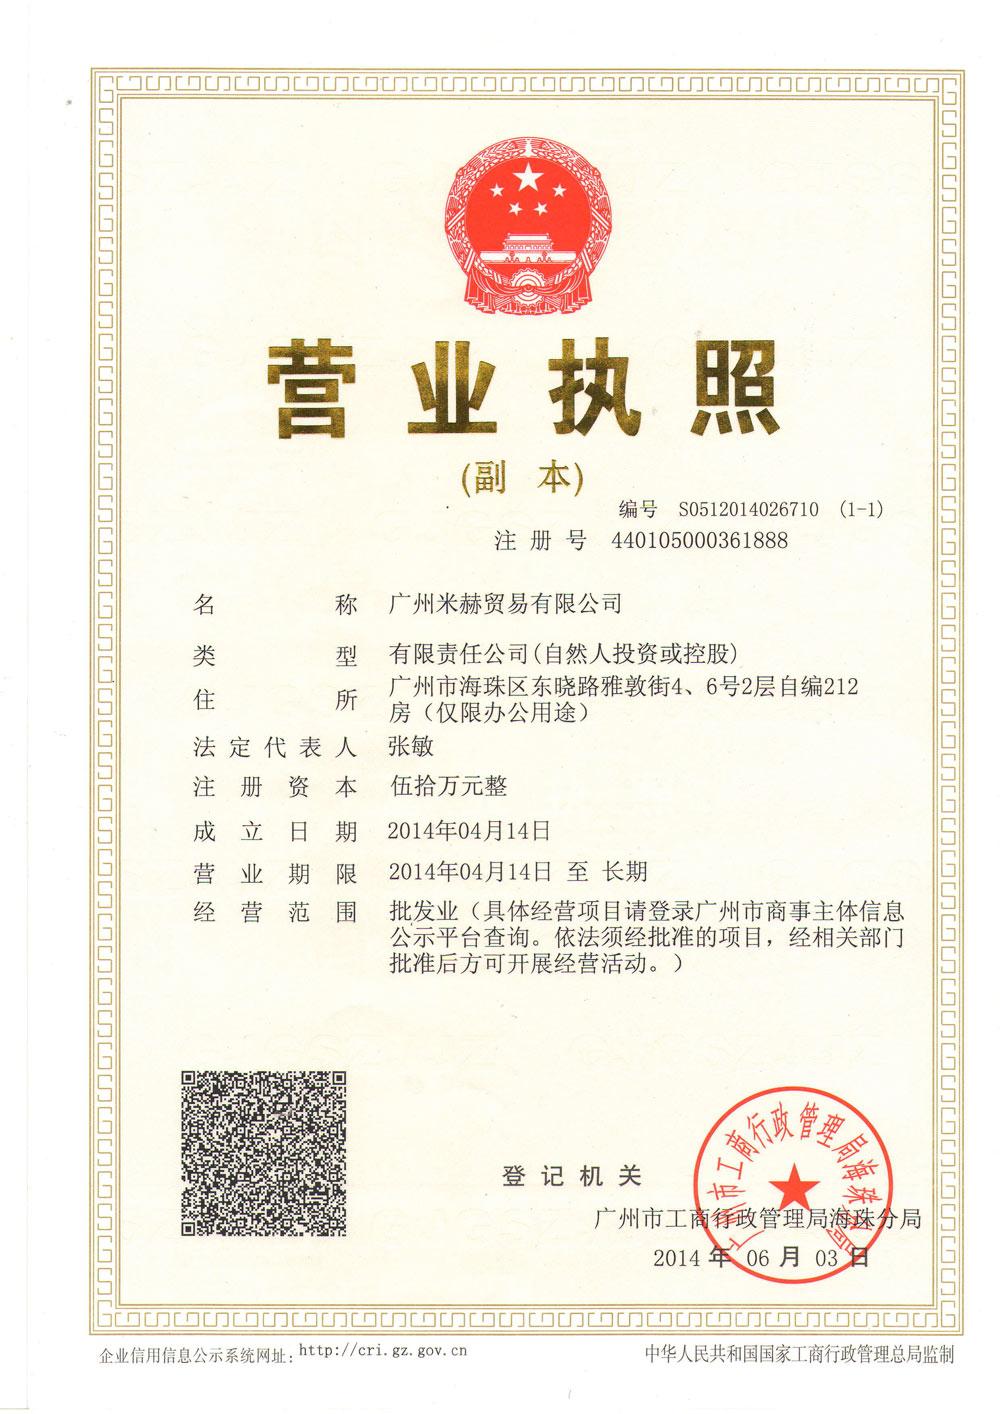 广州米赫贸易有限公司企业档案